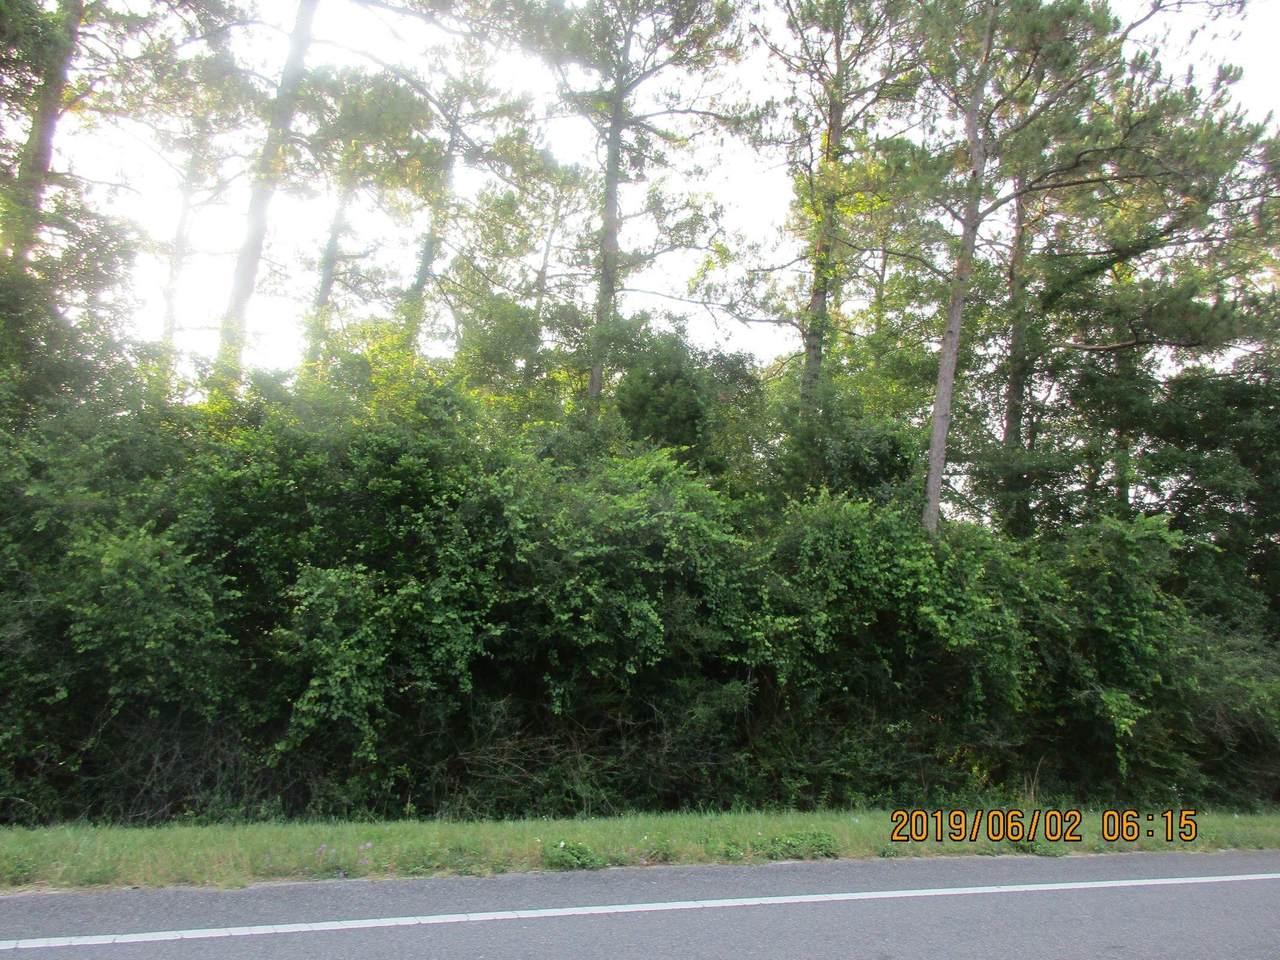 Lot 48 Highway 83 Highway - Photo 1